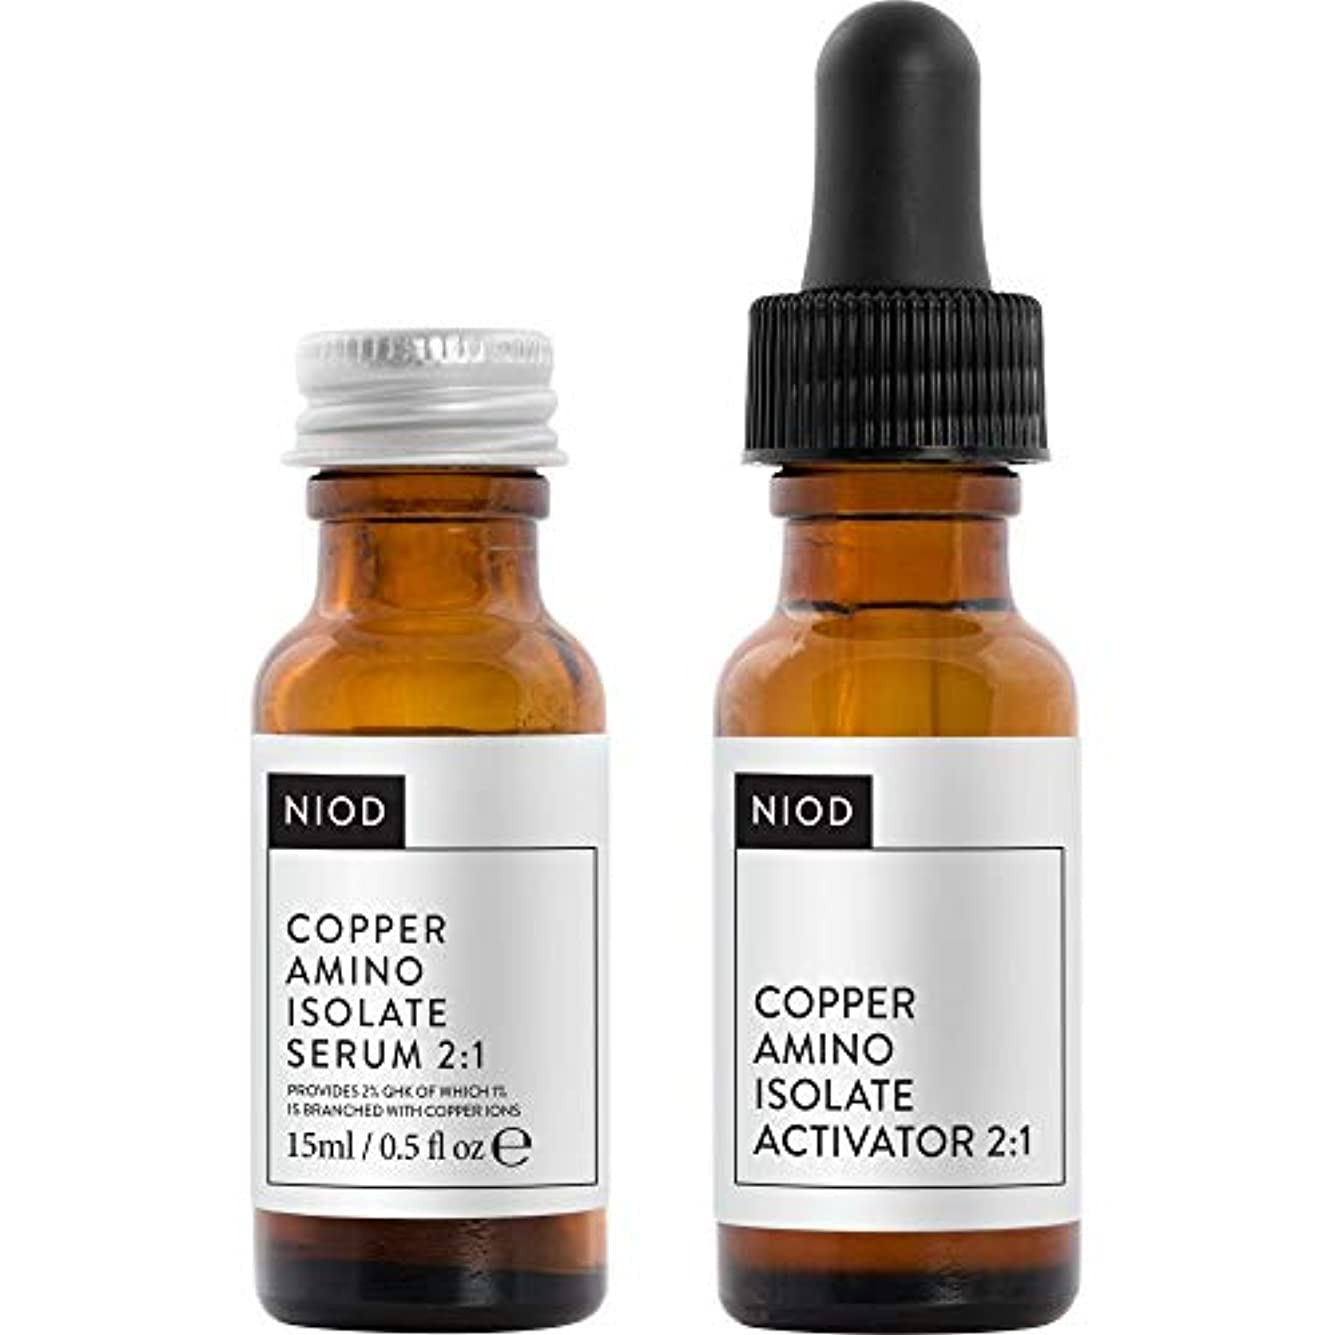 織るクラシックカジュアル[NIOD] Niod銅アミノ分離株の血清2:1 15ミリリットル - NIOD Copper Amino Isolate Serum 2:1 15ml [並行輸入品]